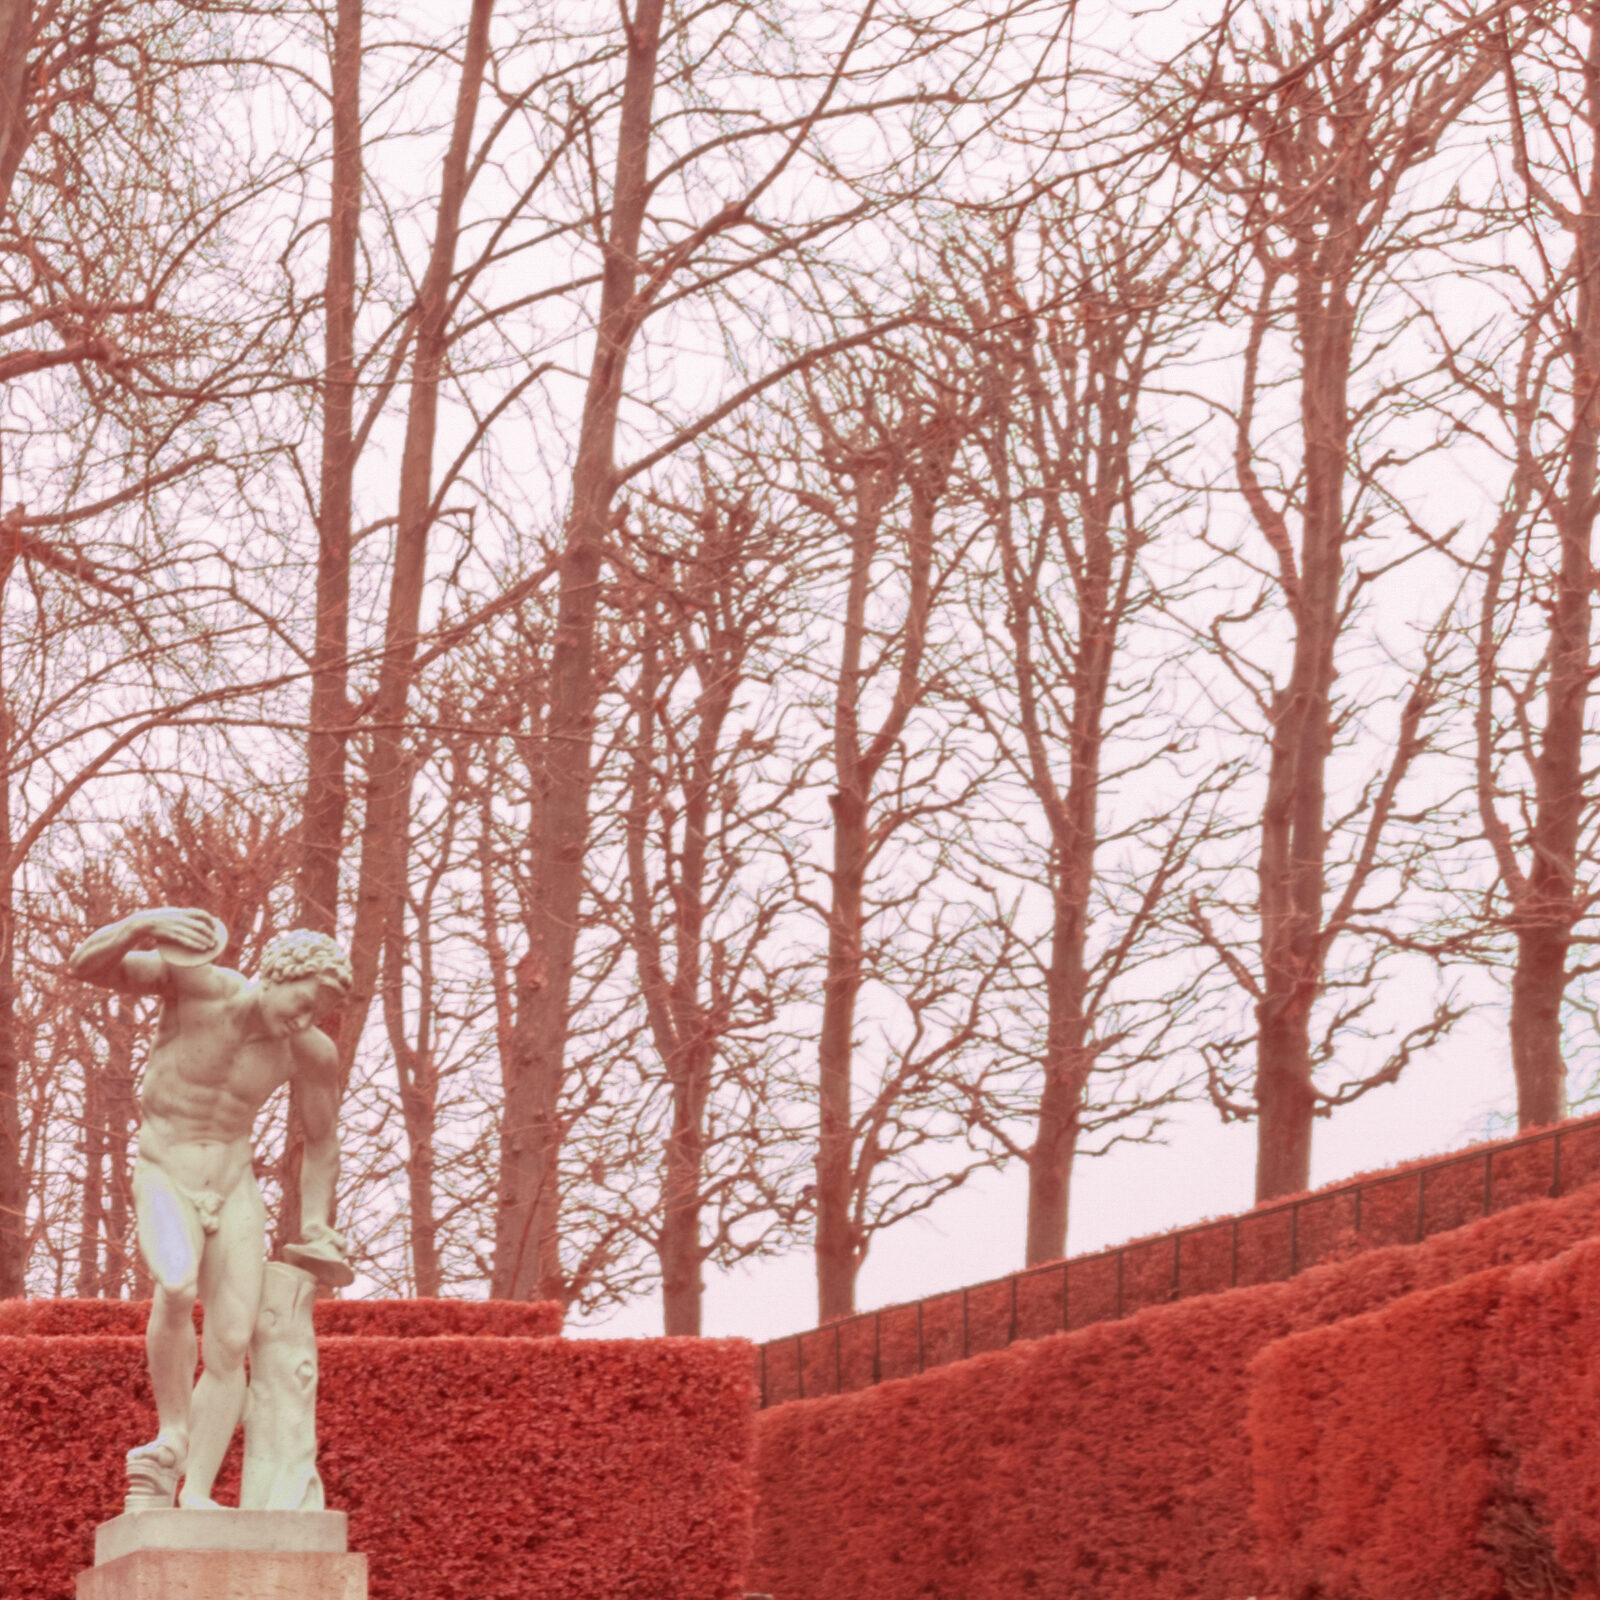 Canon 16 35 F4 L IS details global 500nm infrarouge 35mm details 7 | Pierre-Louis Ferrer | Test du Tamron SP 15-30mm f2.8 Di VC USD en photographie infrarouge | Partie 2